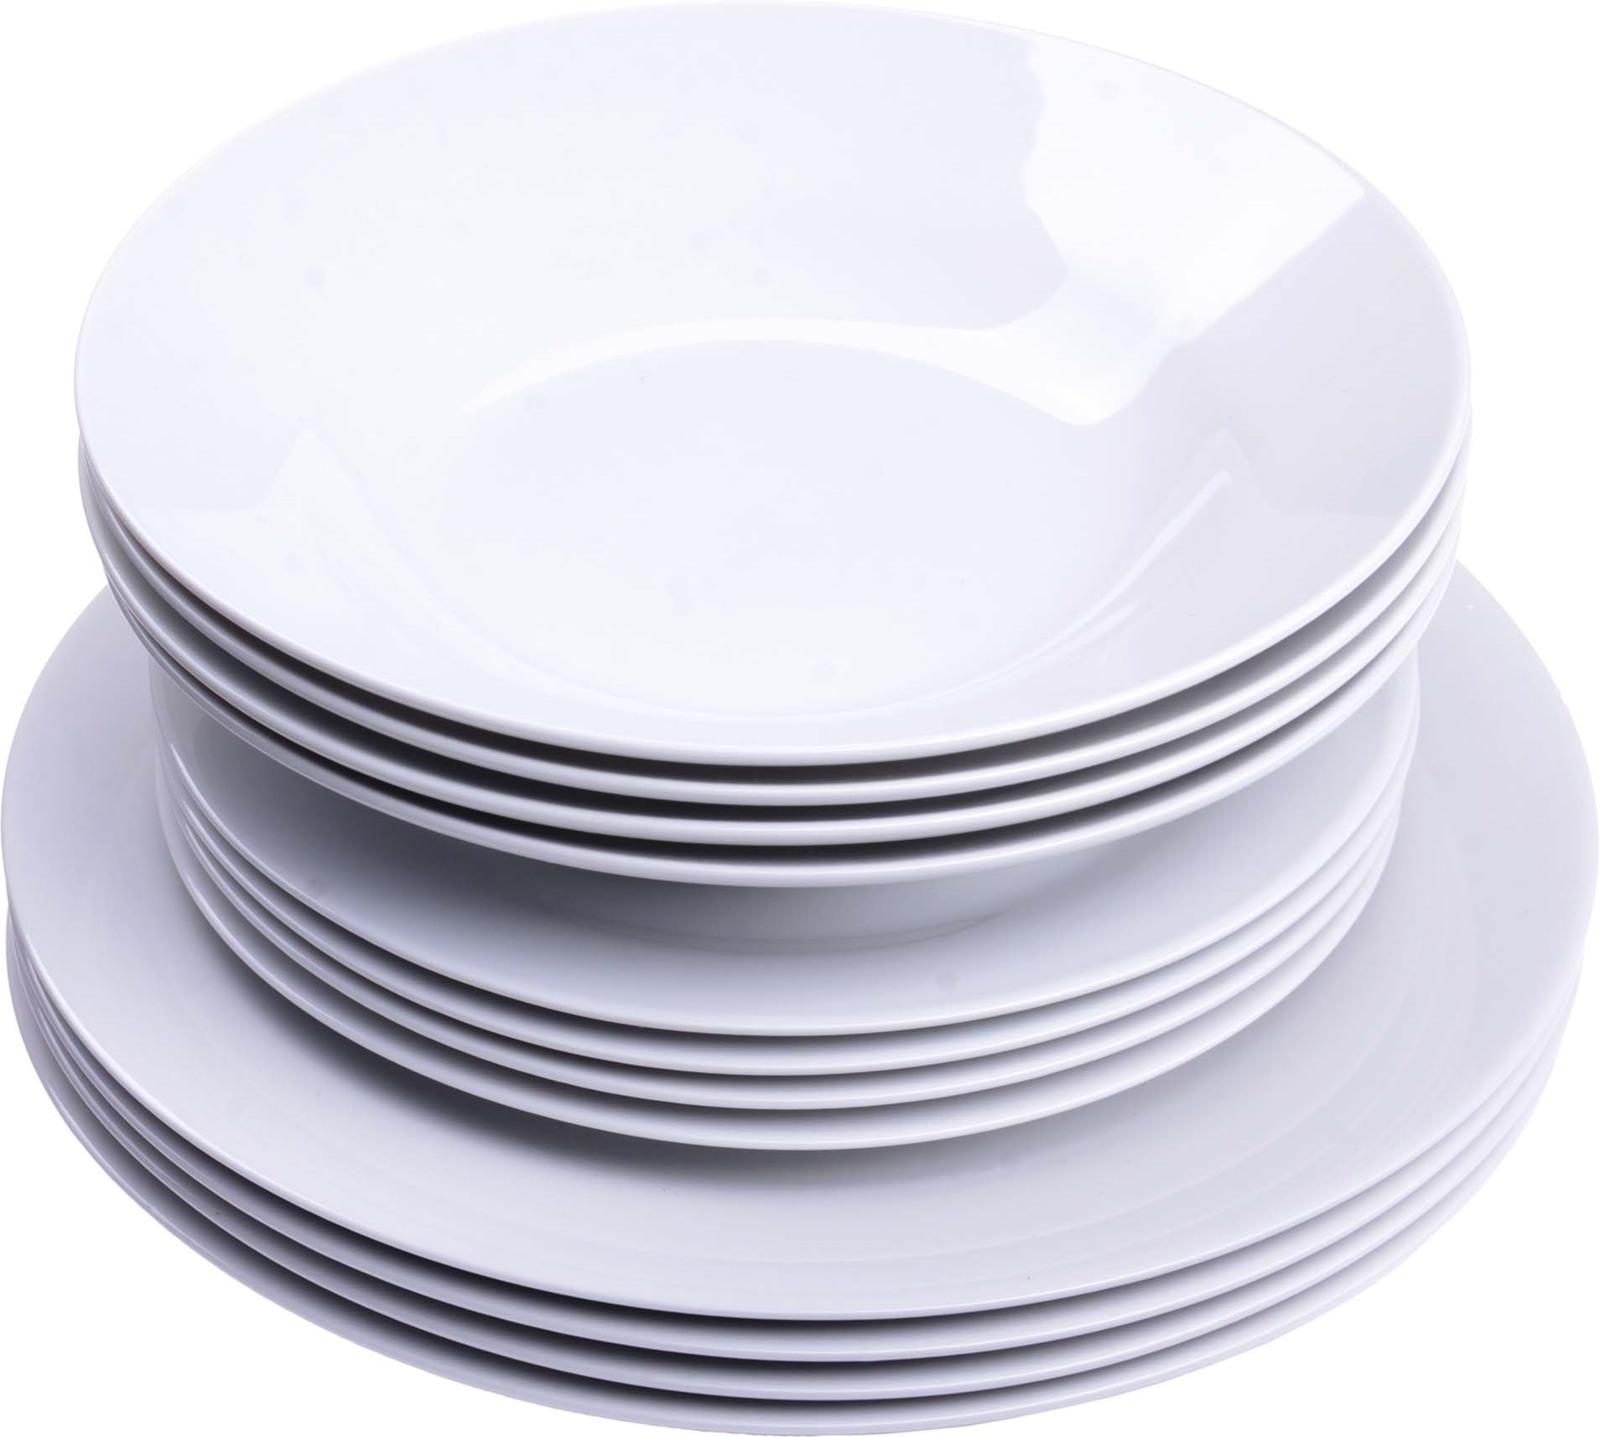 Сервиз обеденный Loraine, цвет: белый, 12 предметов. у4105